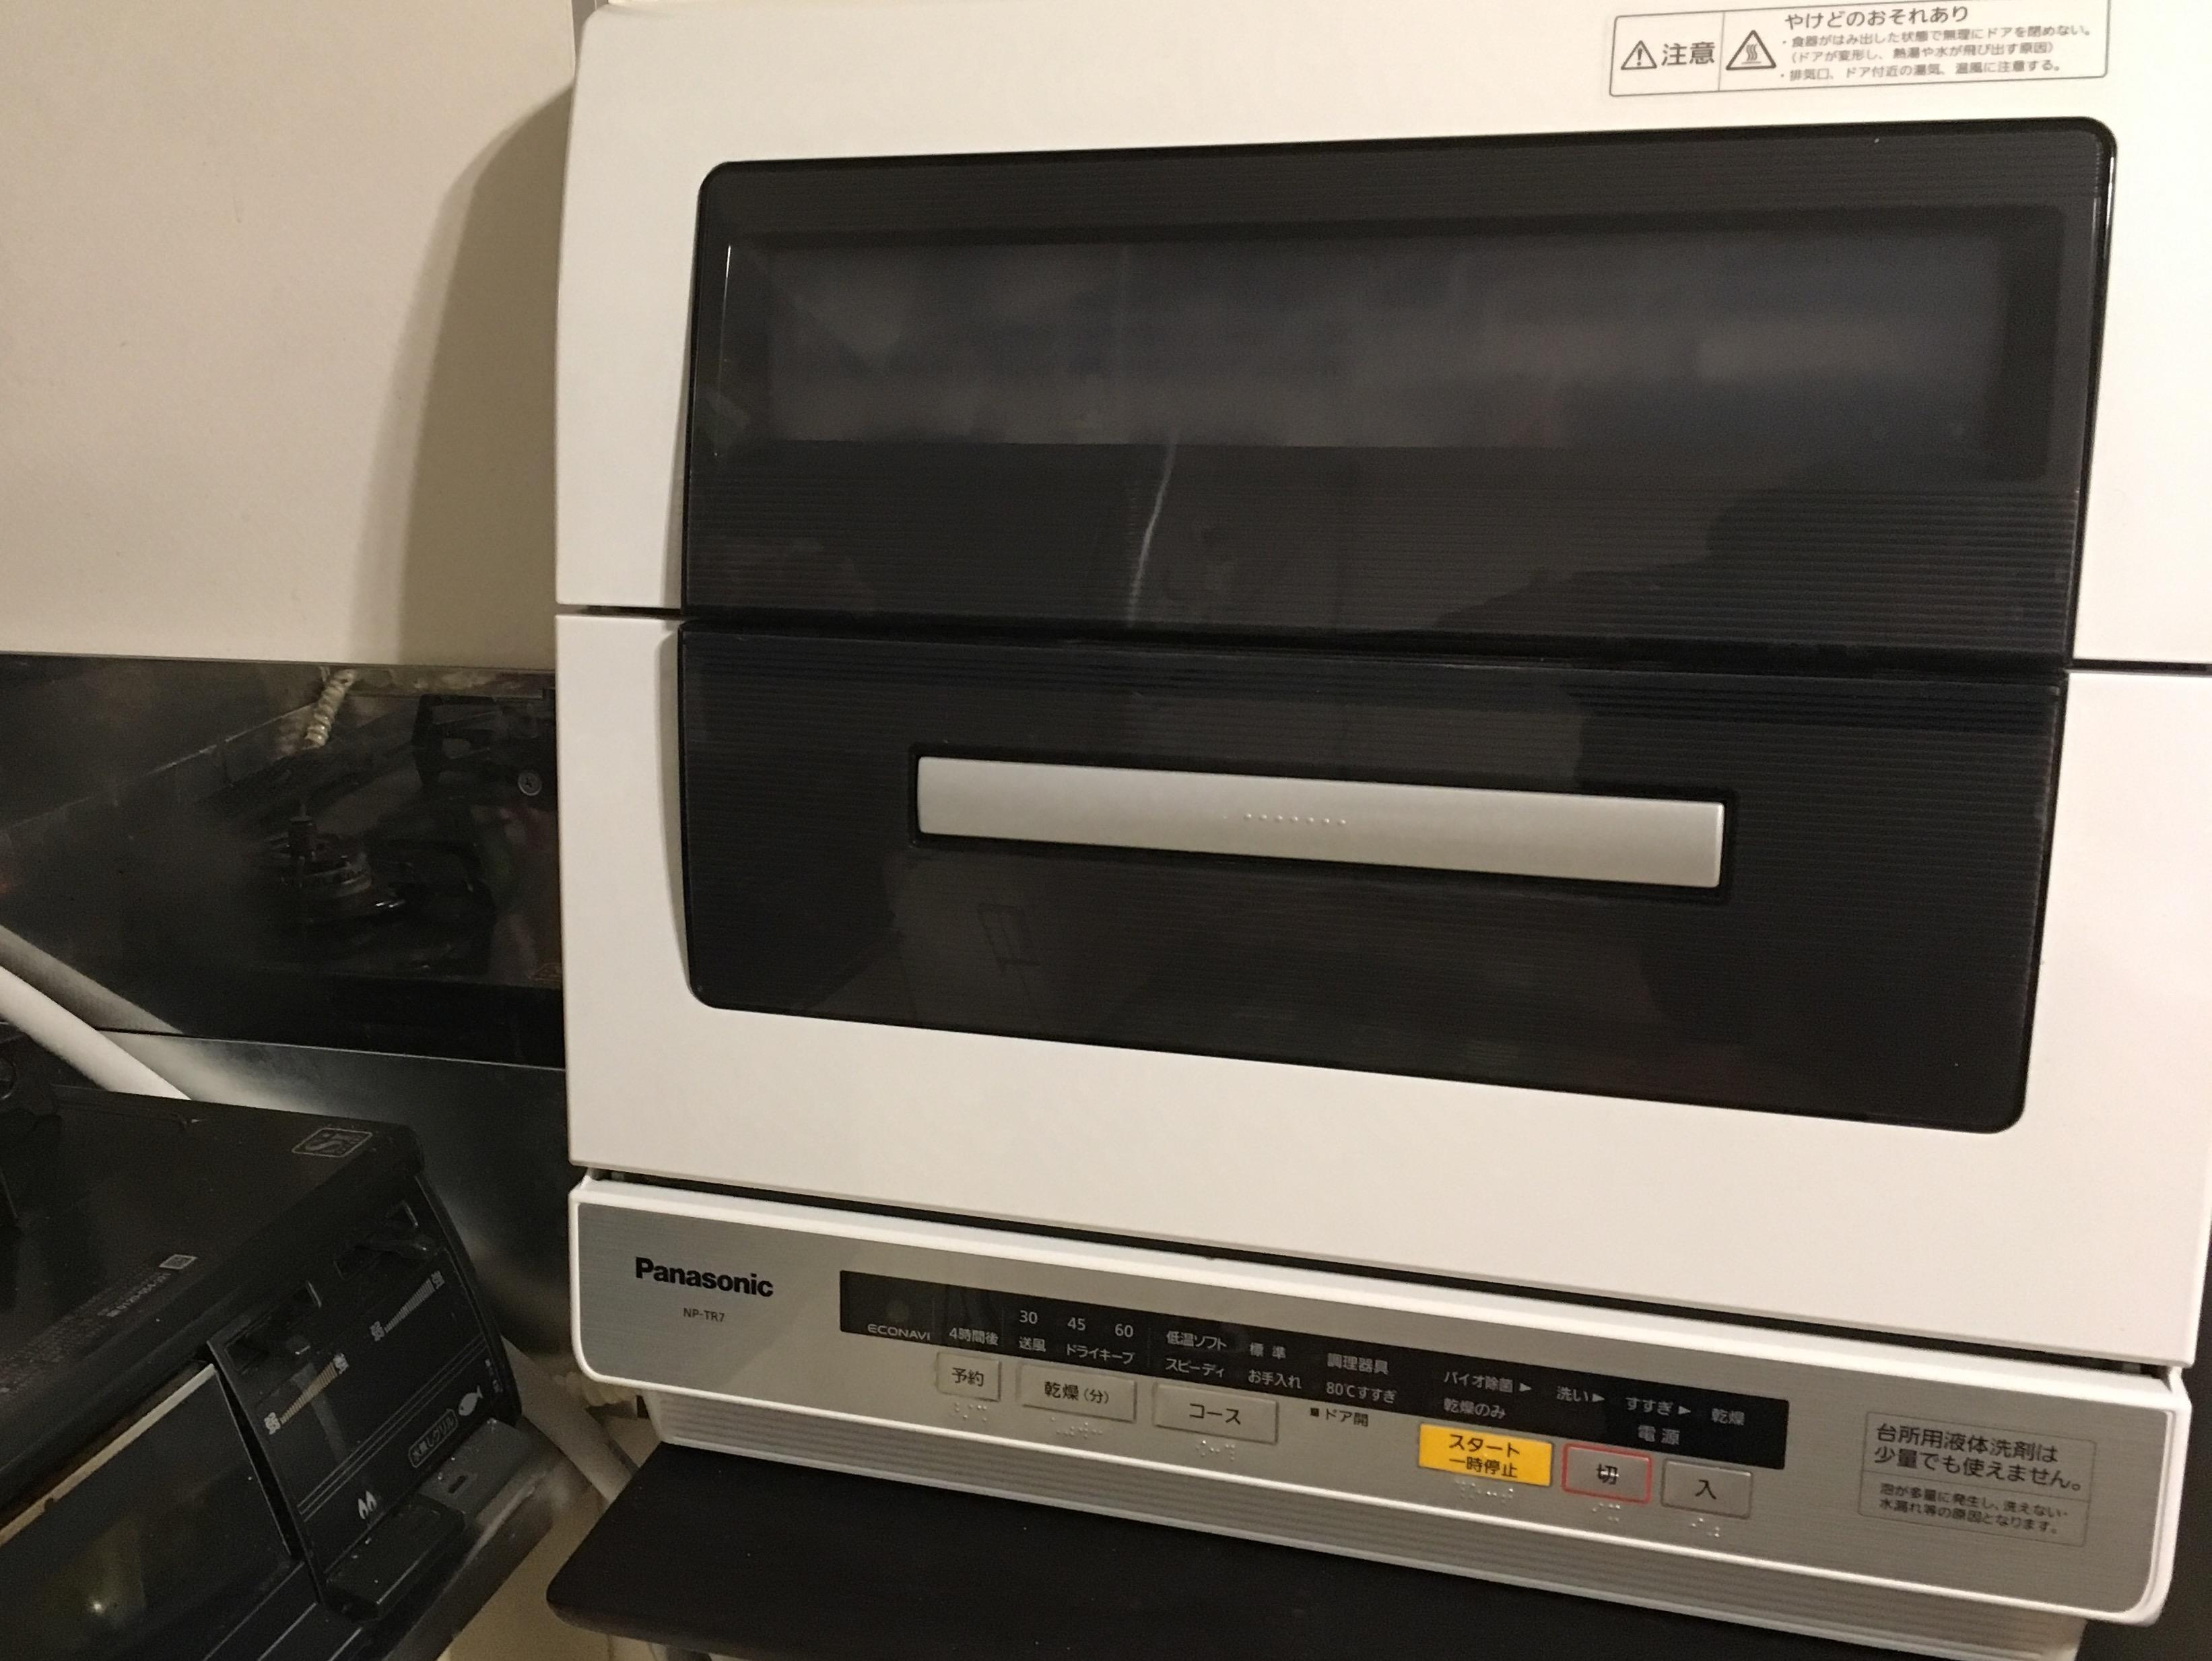 食洗機はロジカル家事の必須家電!中古なら5ヶ月で投資回収可能